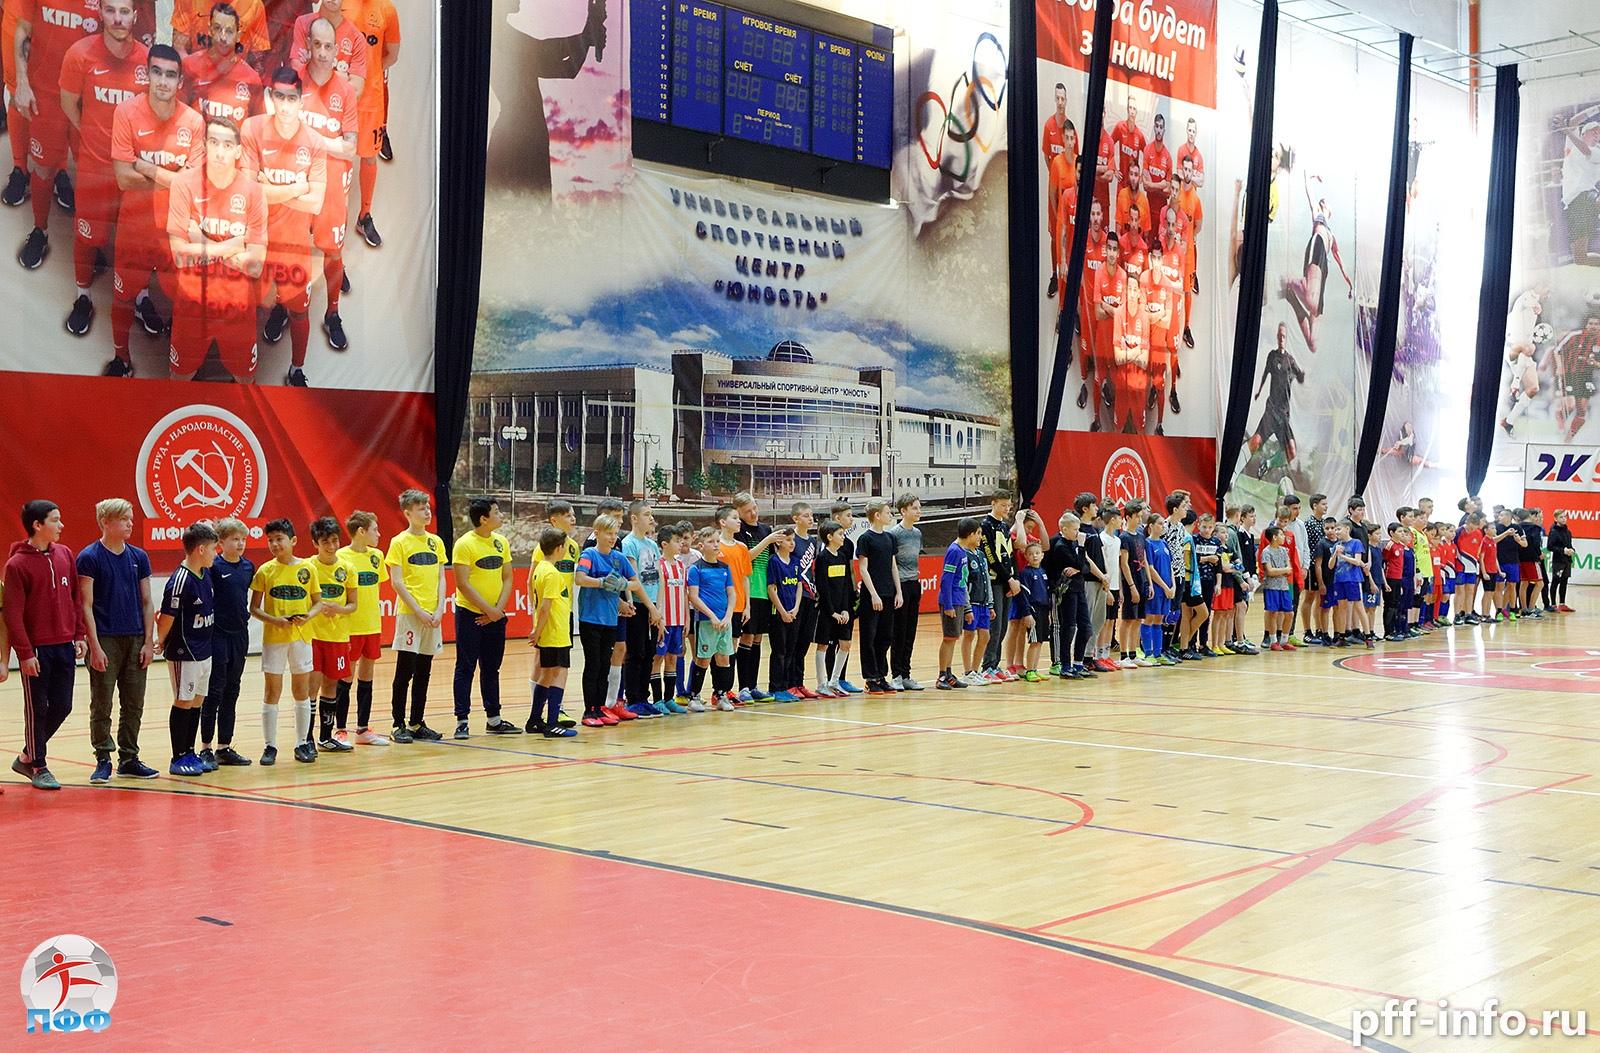 Игроки МФК КПРФ провели мастер-класс для участников Кубка Подольска по мини-футболу до 14 лет